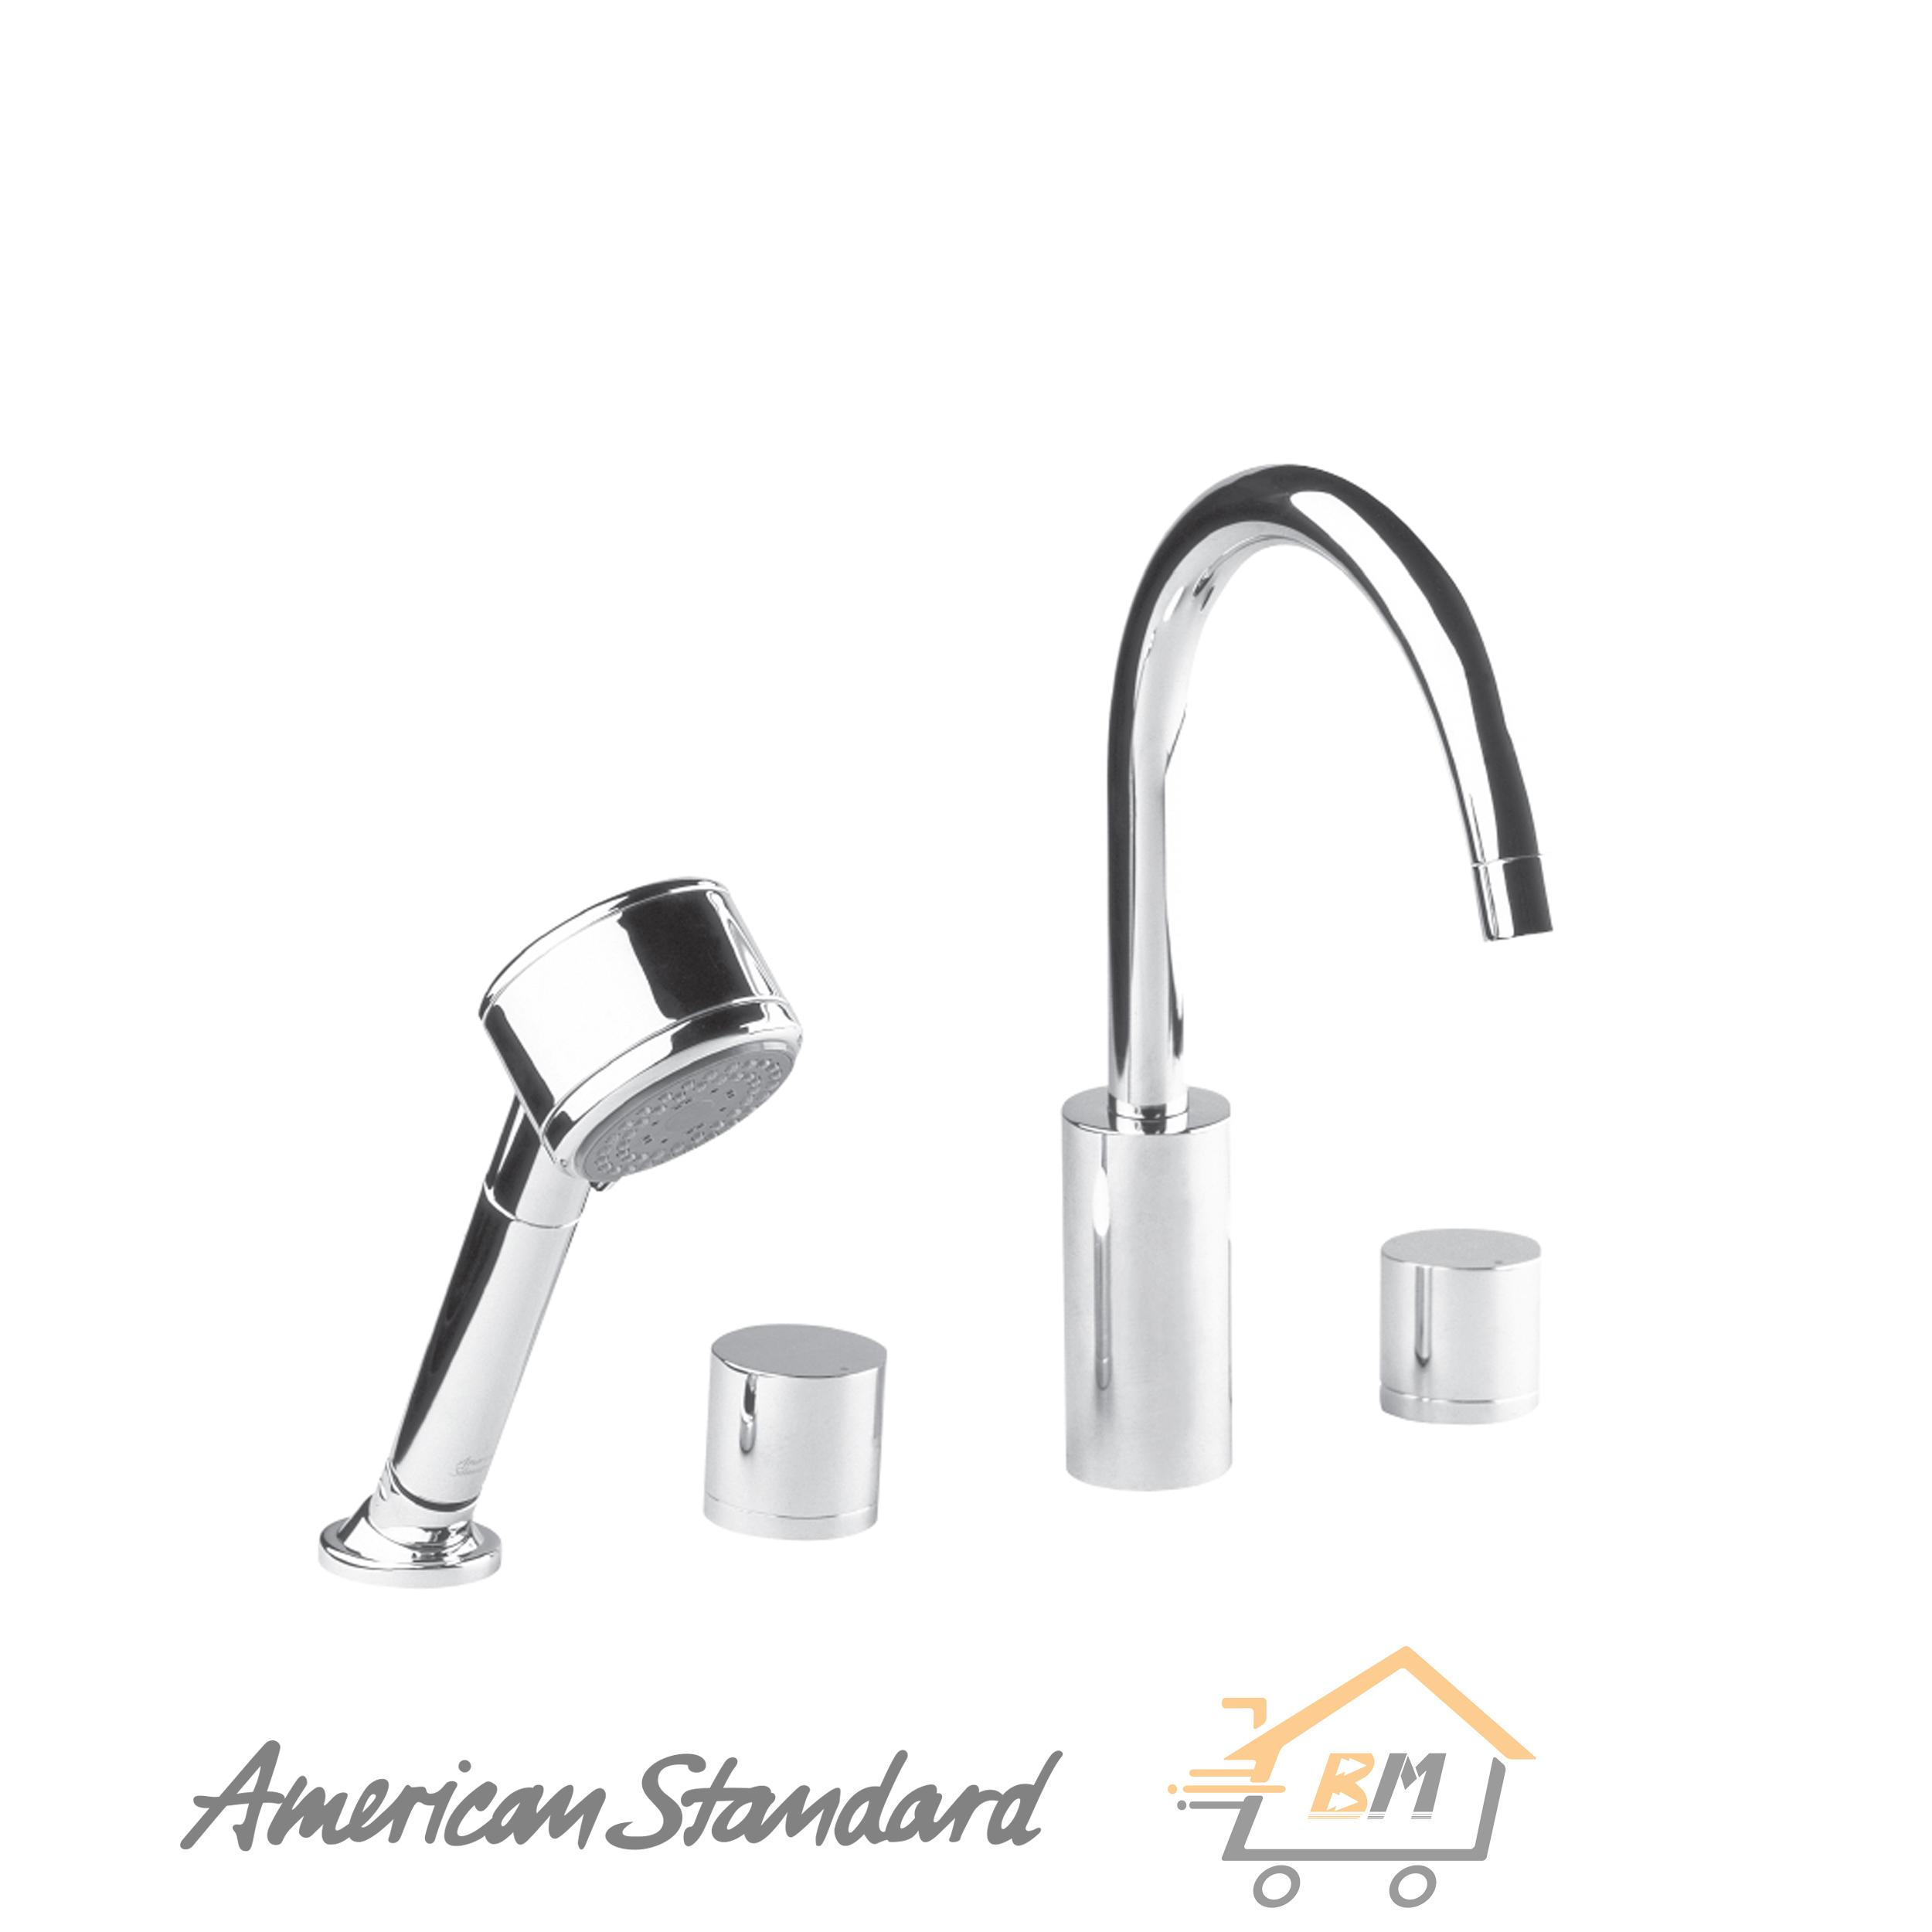 ก๊อกน้ำ American Standard (A-2800-914-000)